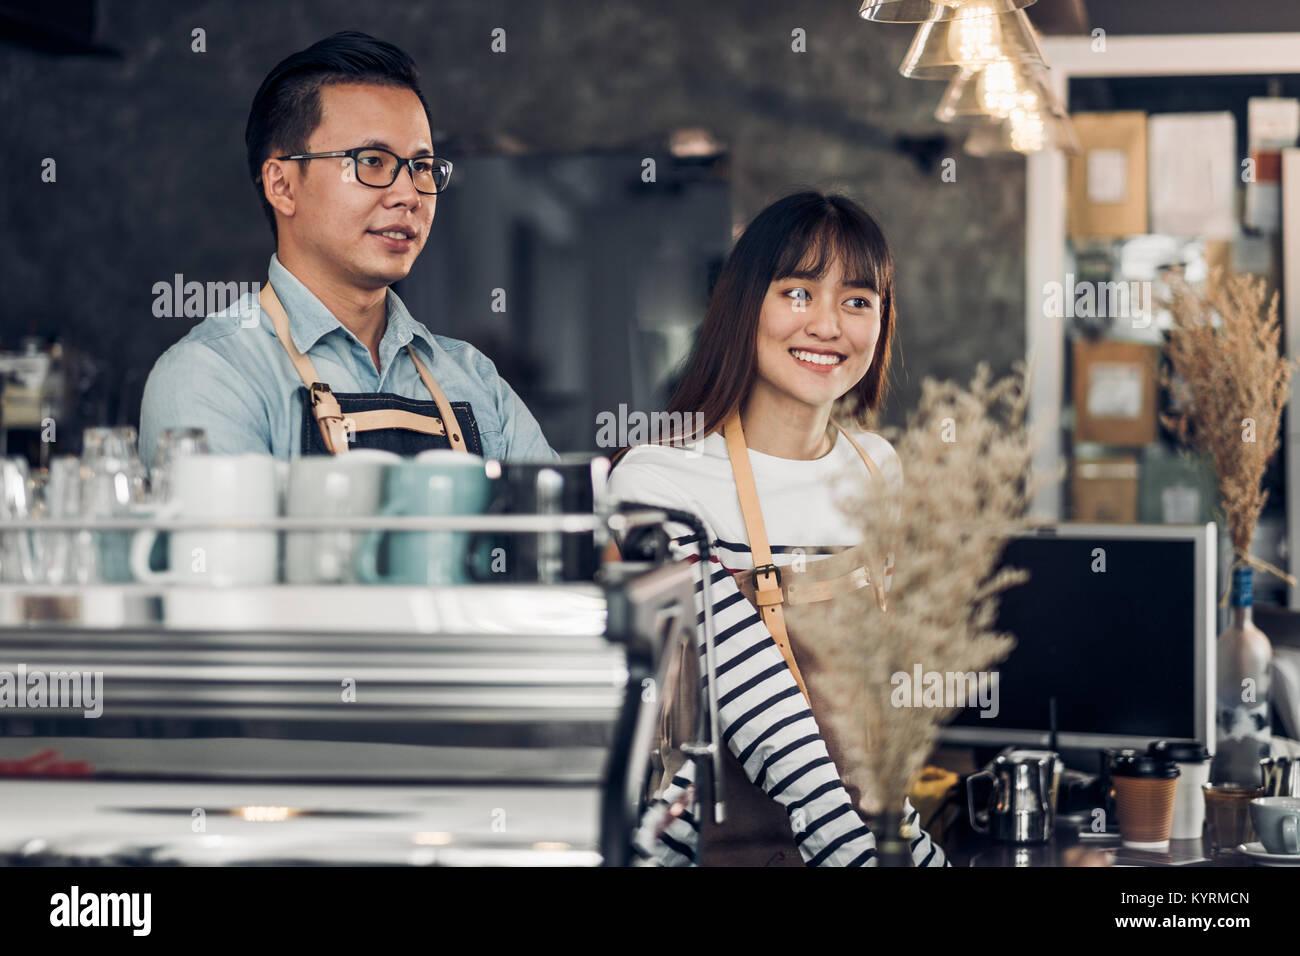 Asia Barista cameriere sorriso e parlare con il cliente in negozio di caffè,due cafe proprietario al banco bar,cibo e bevande concetto aziendale,servizio mente concetto Foto Stock